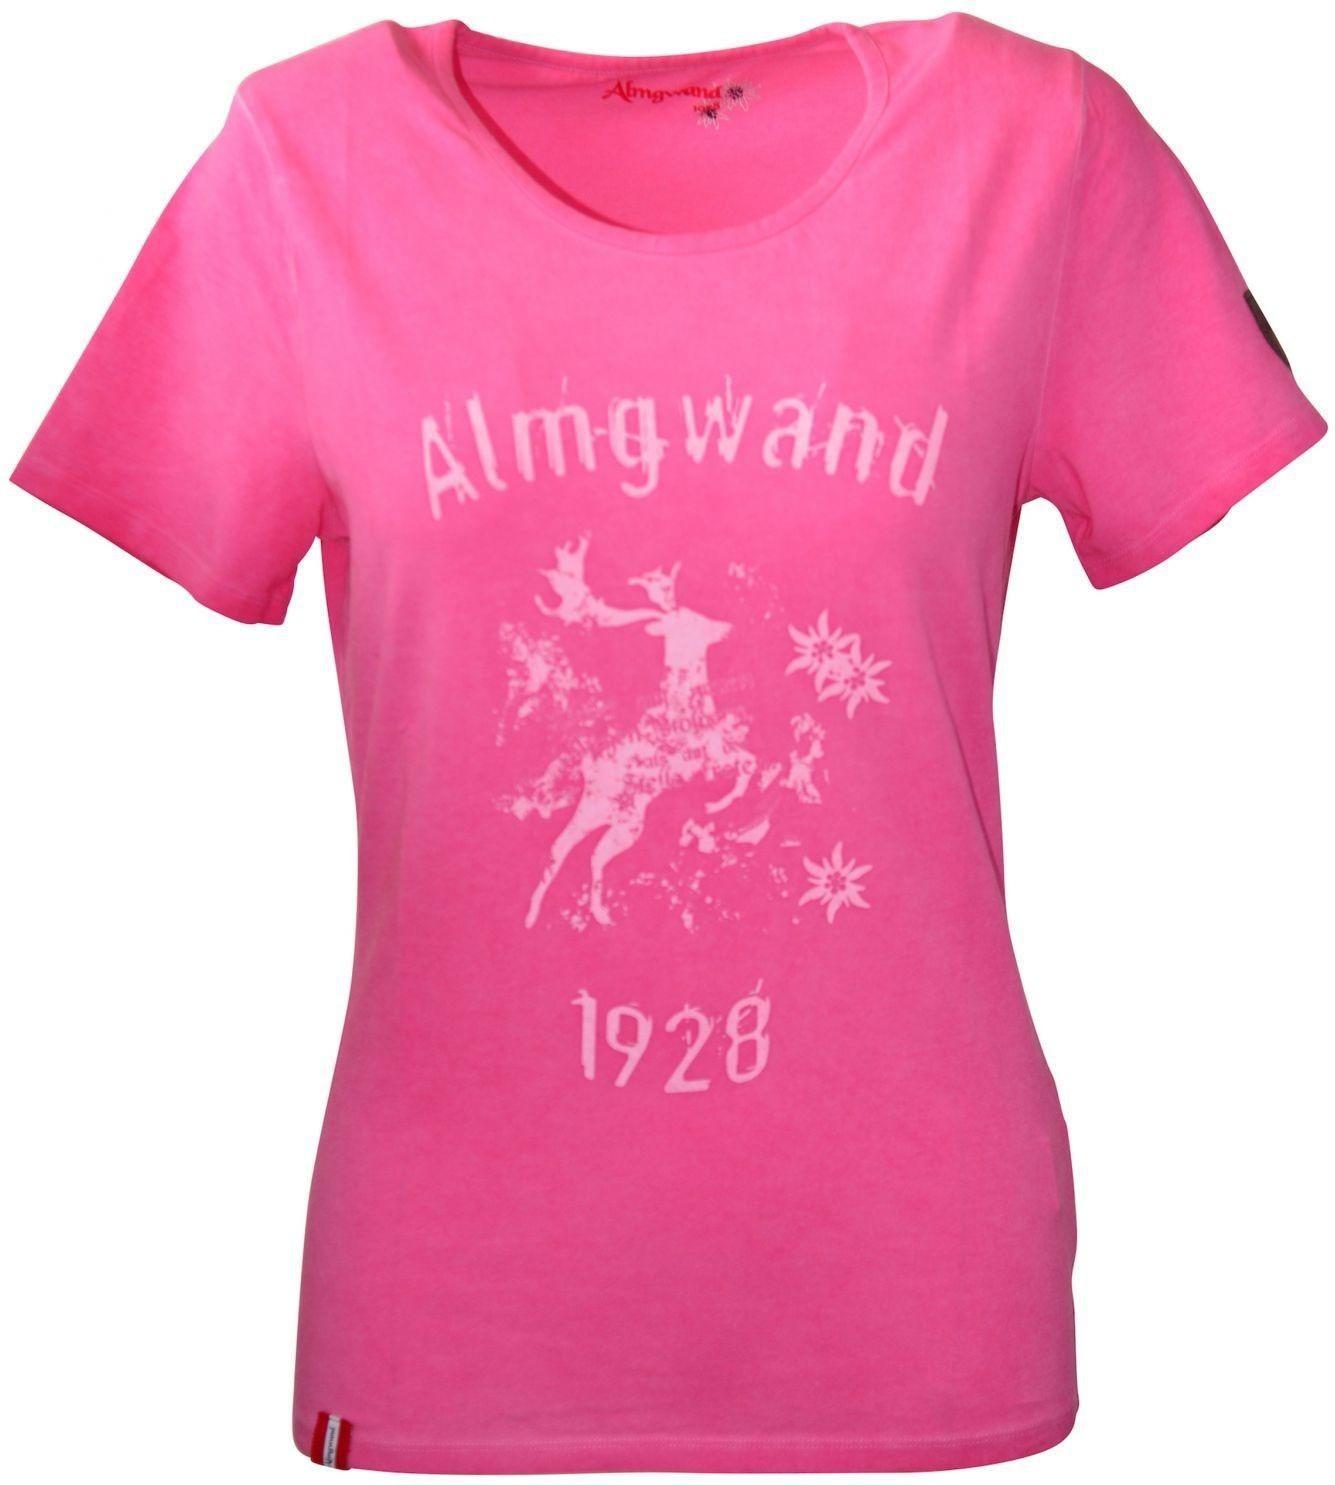 Almgwand Trachtenshirt (90802137)